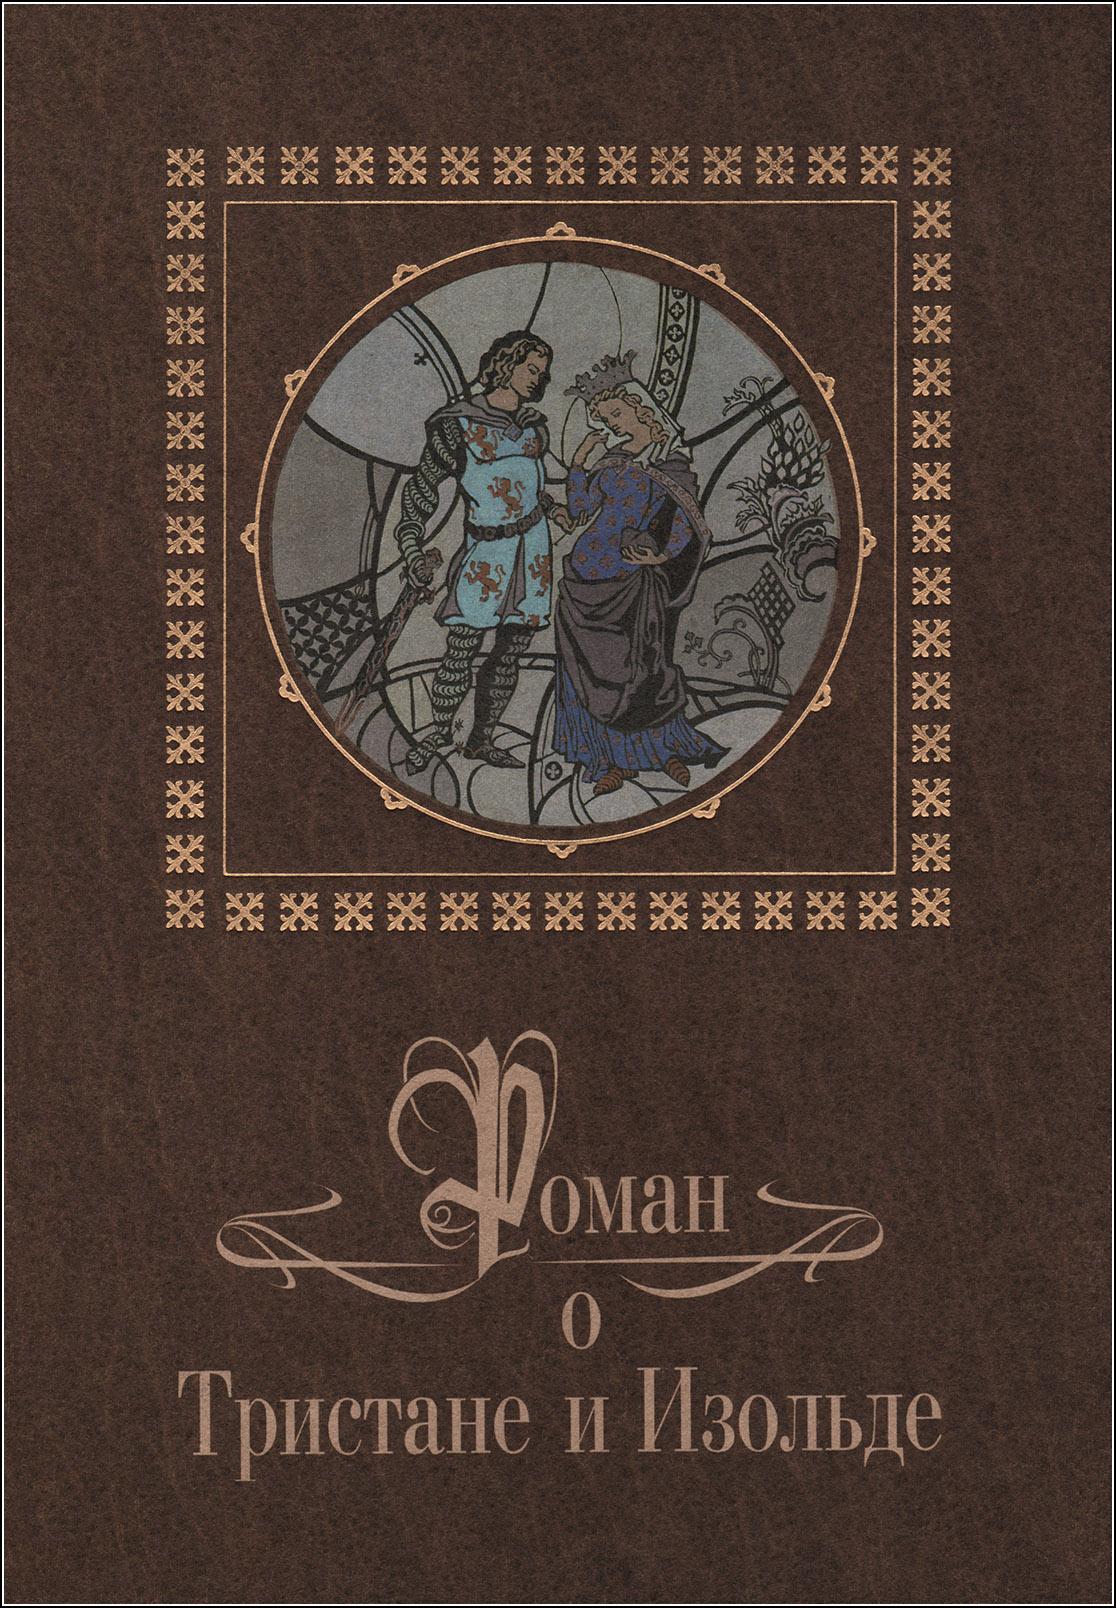 И. Золотова, Роман о Тристане и Изольде